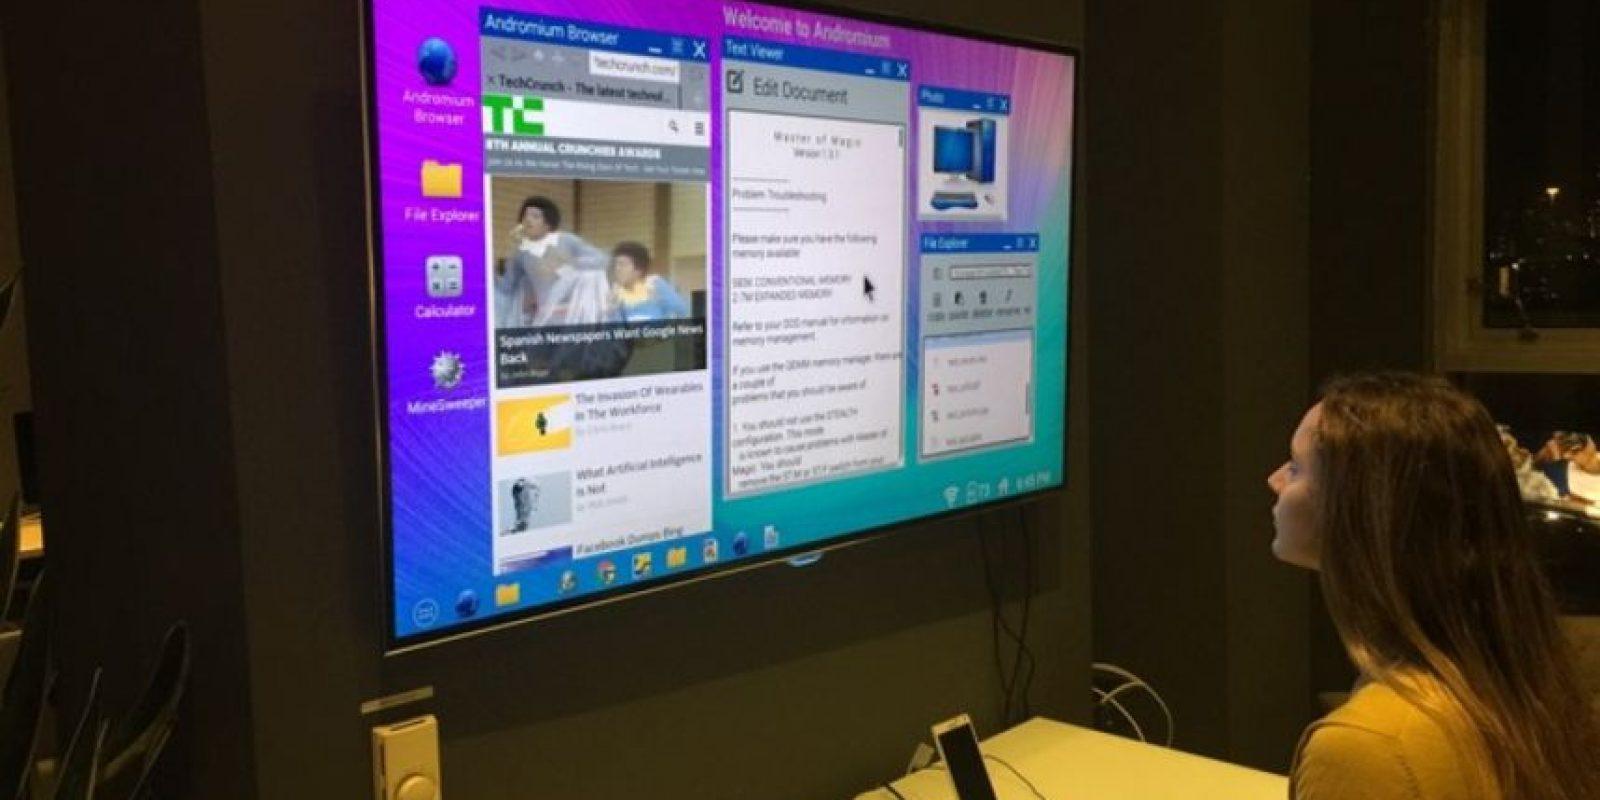 Con este dispositivo se pueden trabajar archivos de texto, navegar en internet y hasta jugar Foto:Kickstarter/Andromium